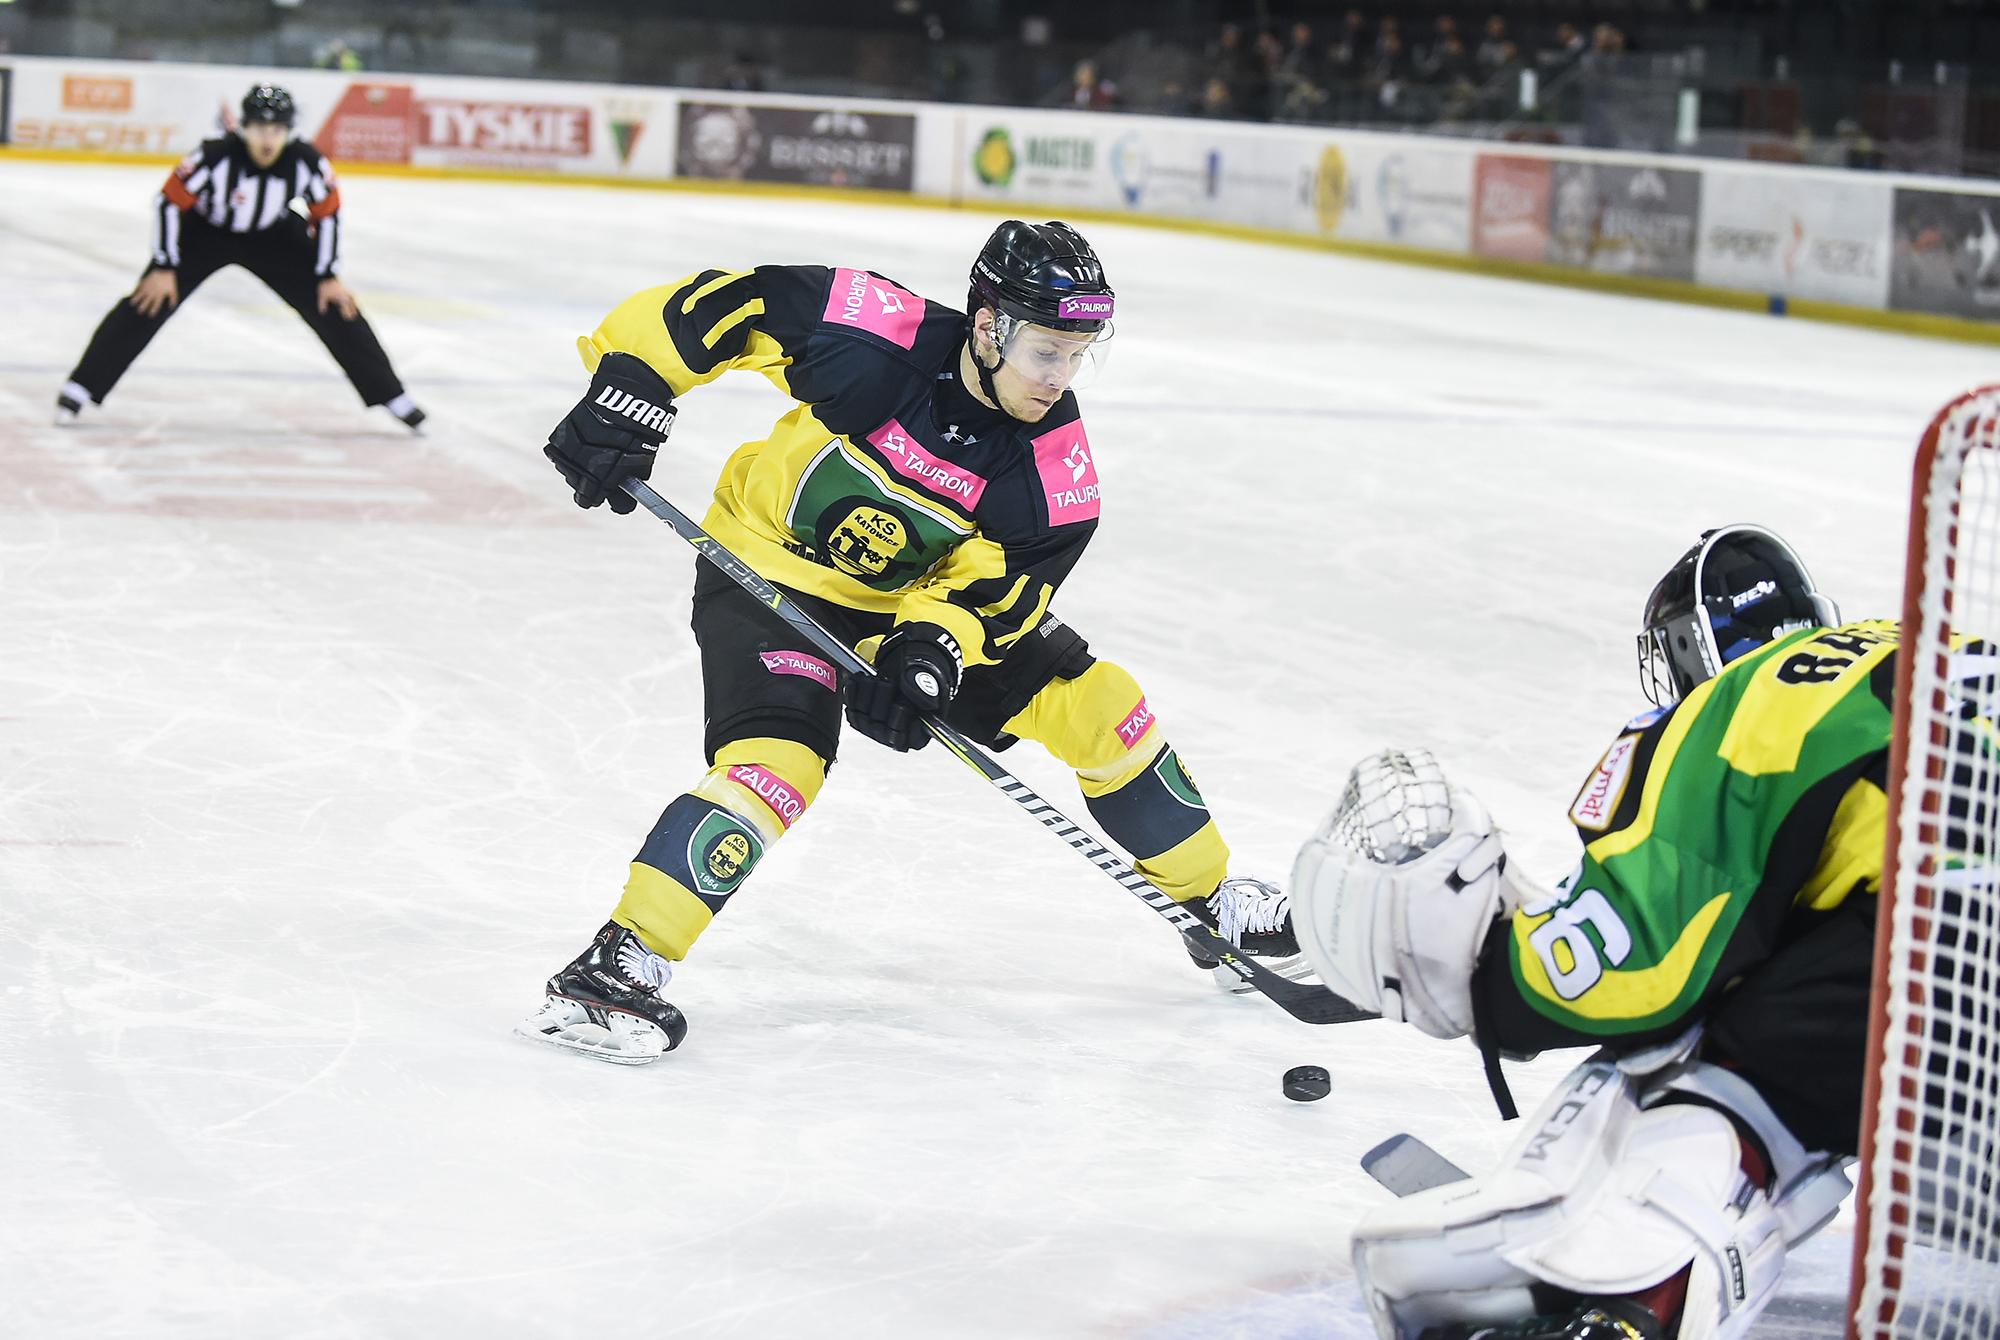 Tauron KH GKS Katowice - JKH GKS Jastrzebie